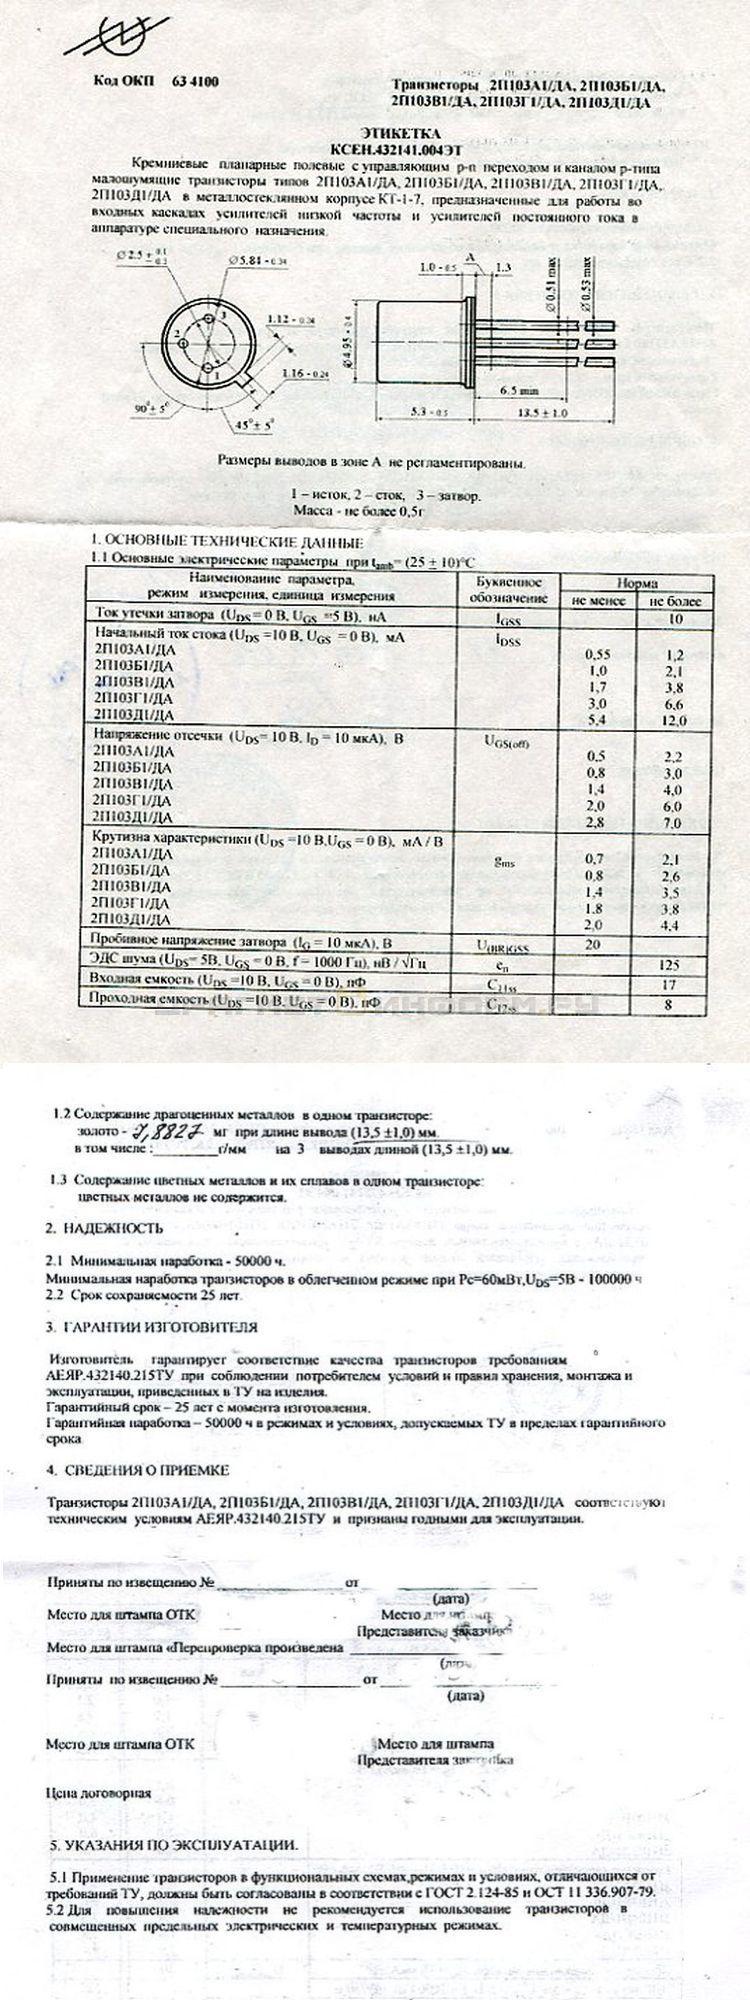 Формуляр 2П103Г1/ДА